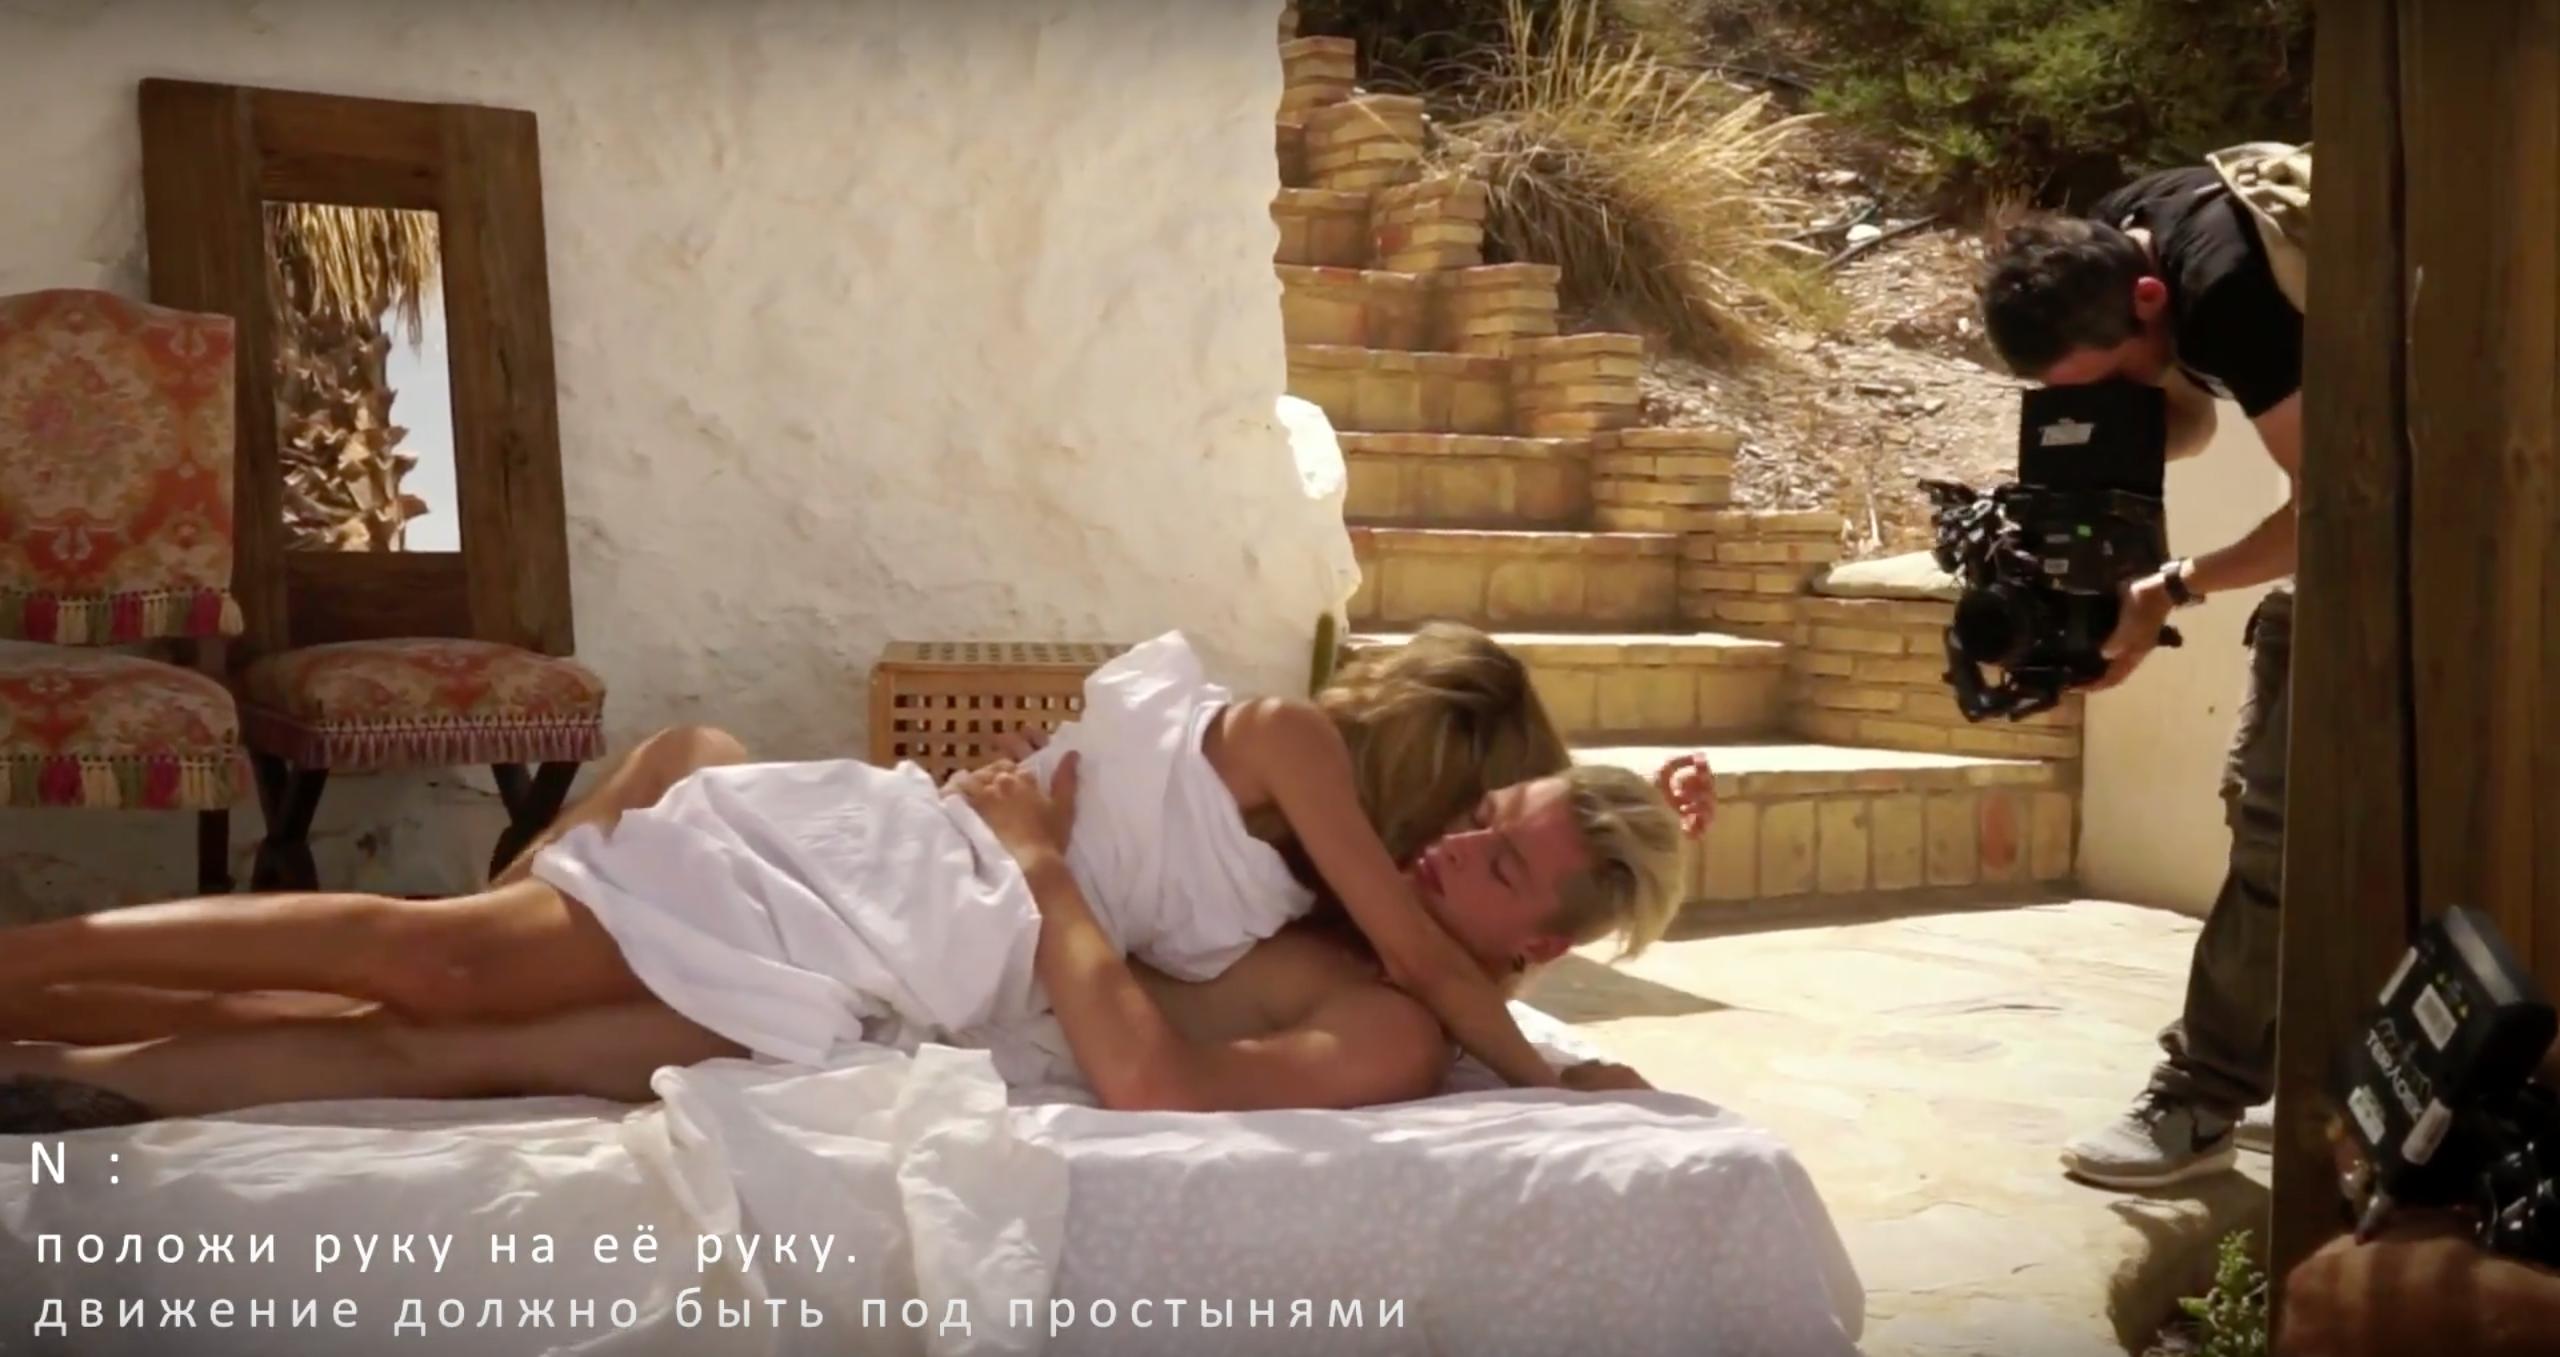 kak-snimayutsya-intimnie-stseni-video-seks-s-latinochkami